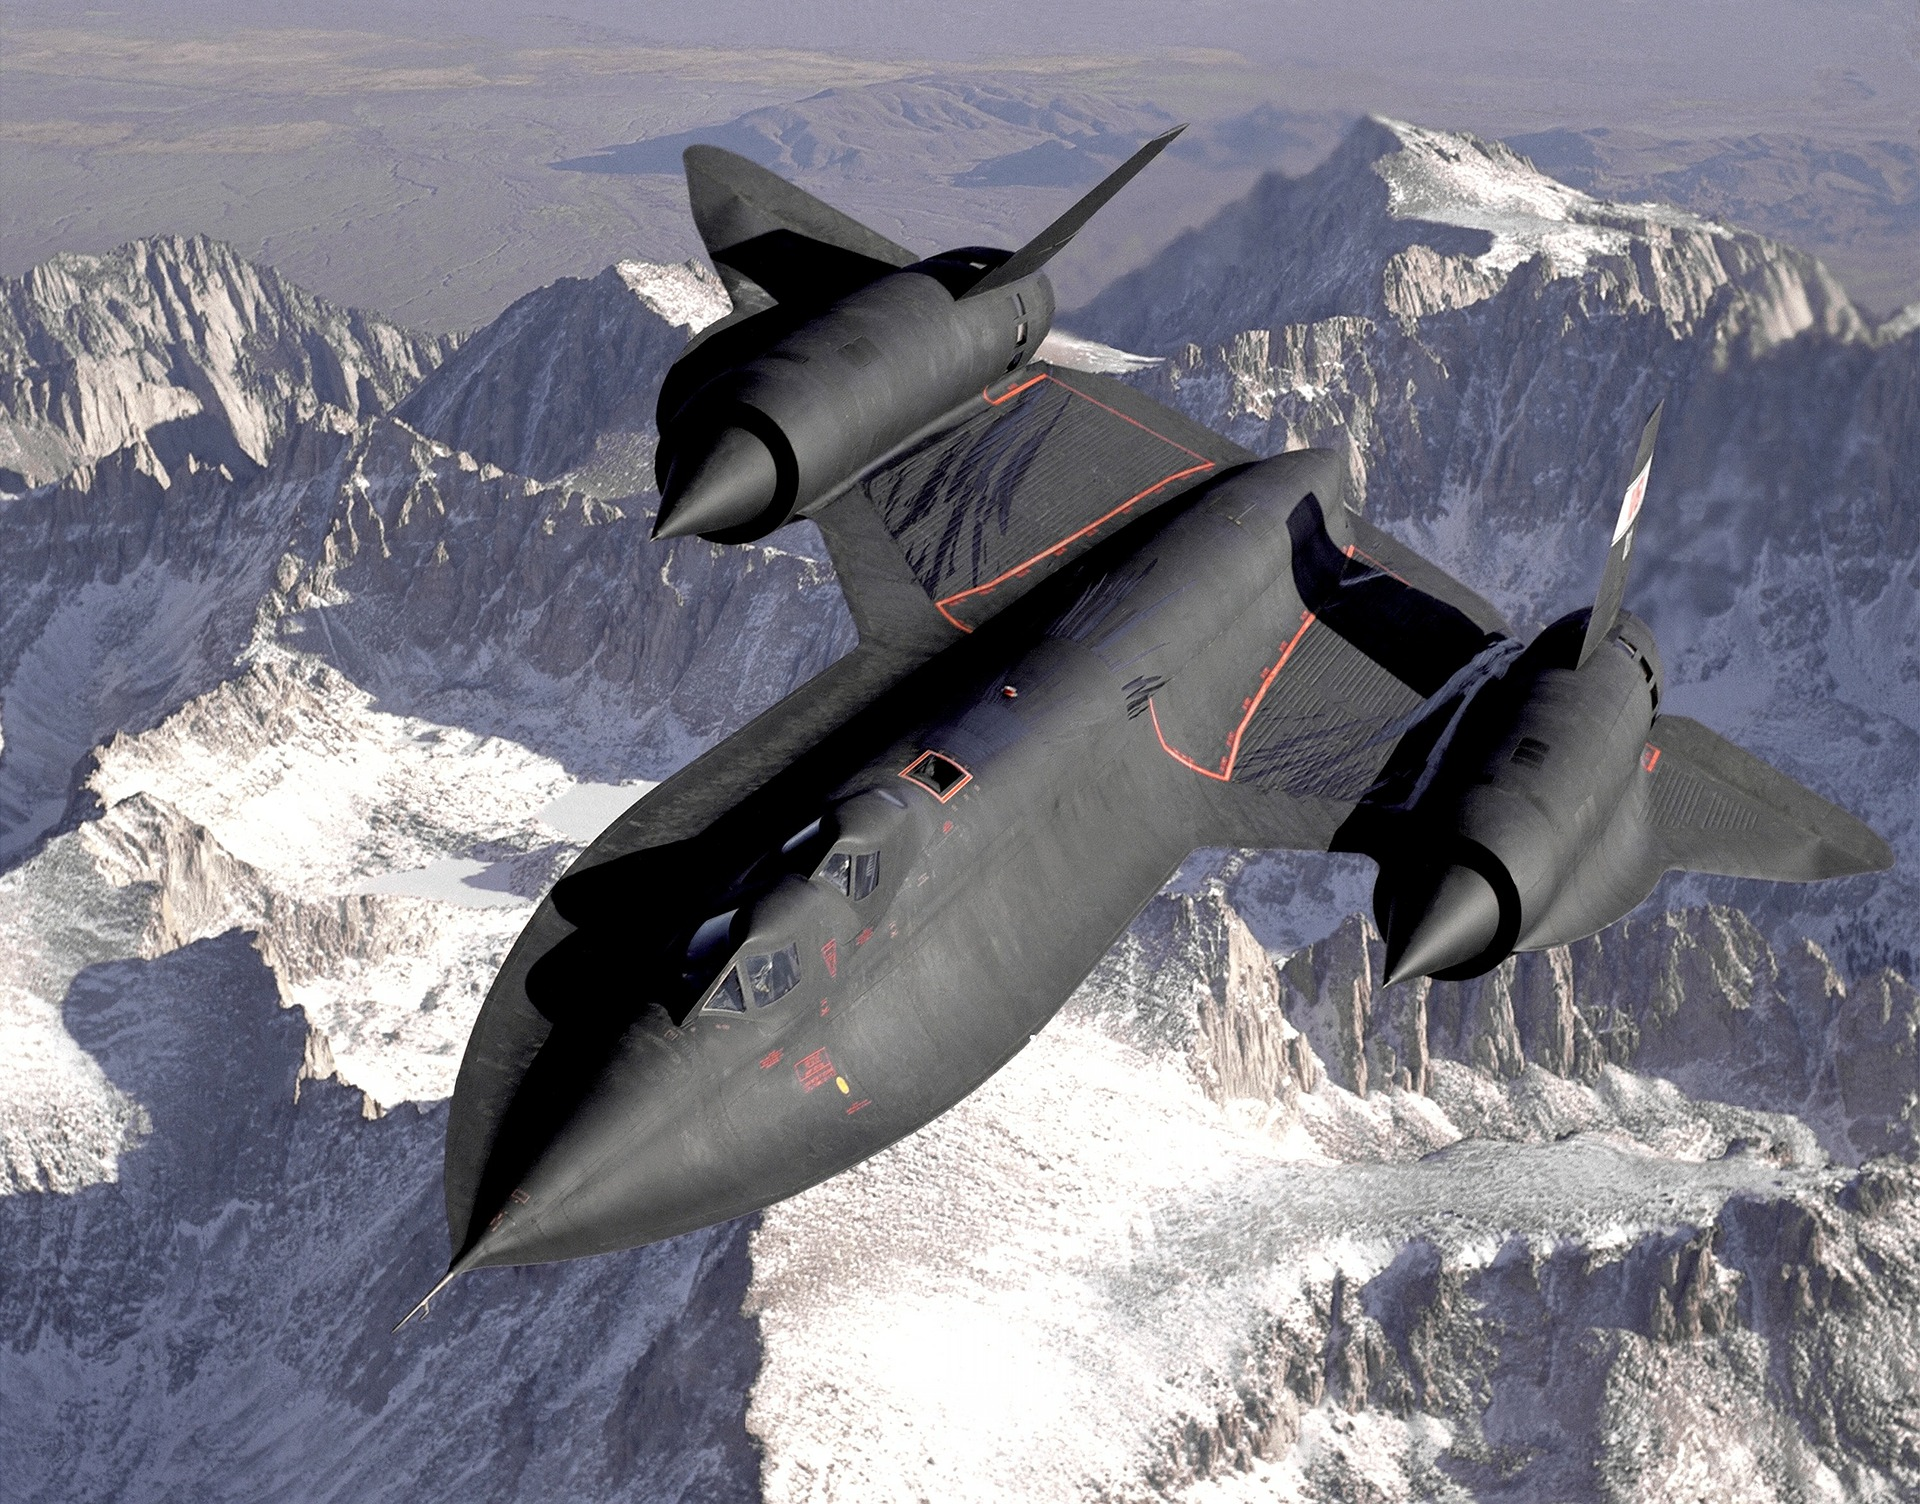 avión, 超音速, 射流, 黑鹂, aer飞机高清壁纸 - 教授-falken.com